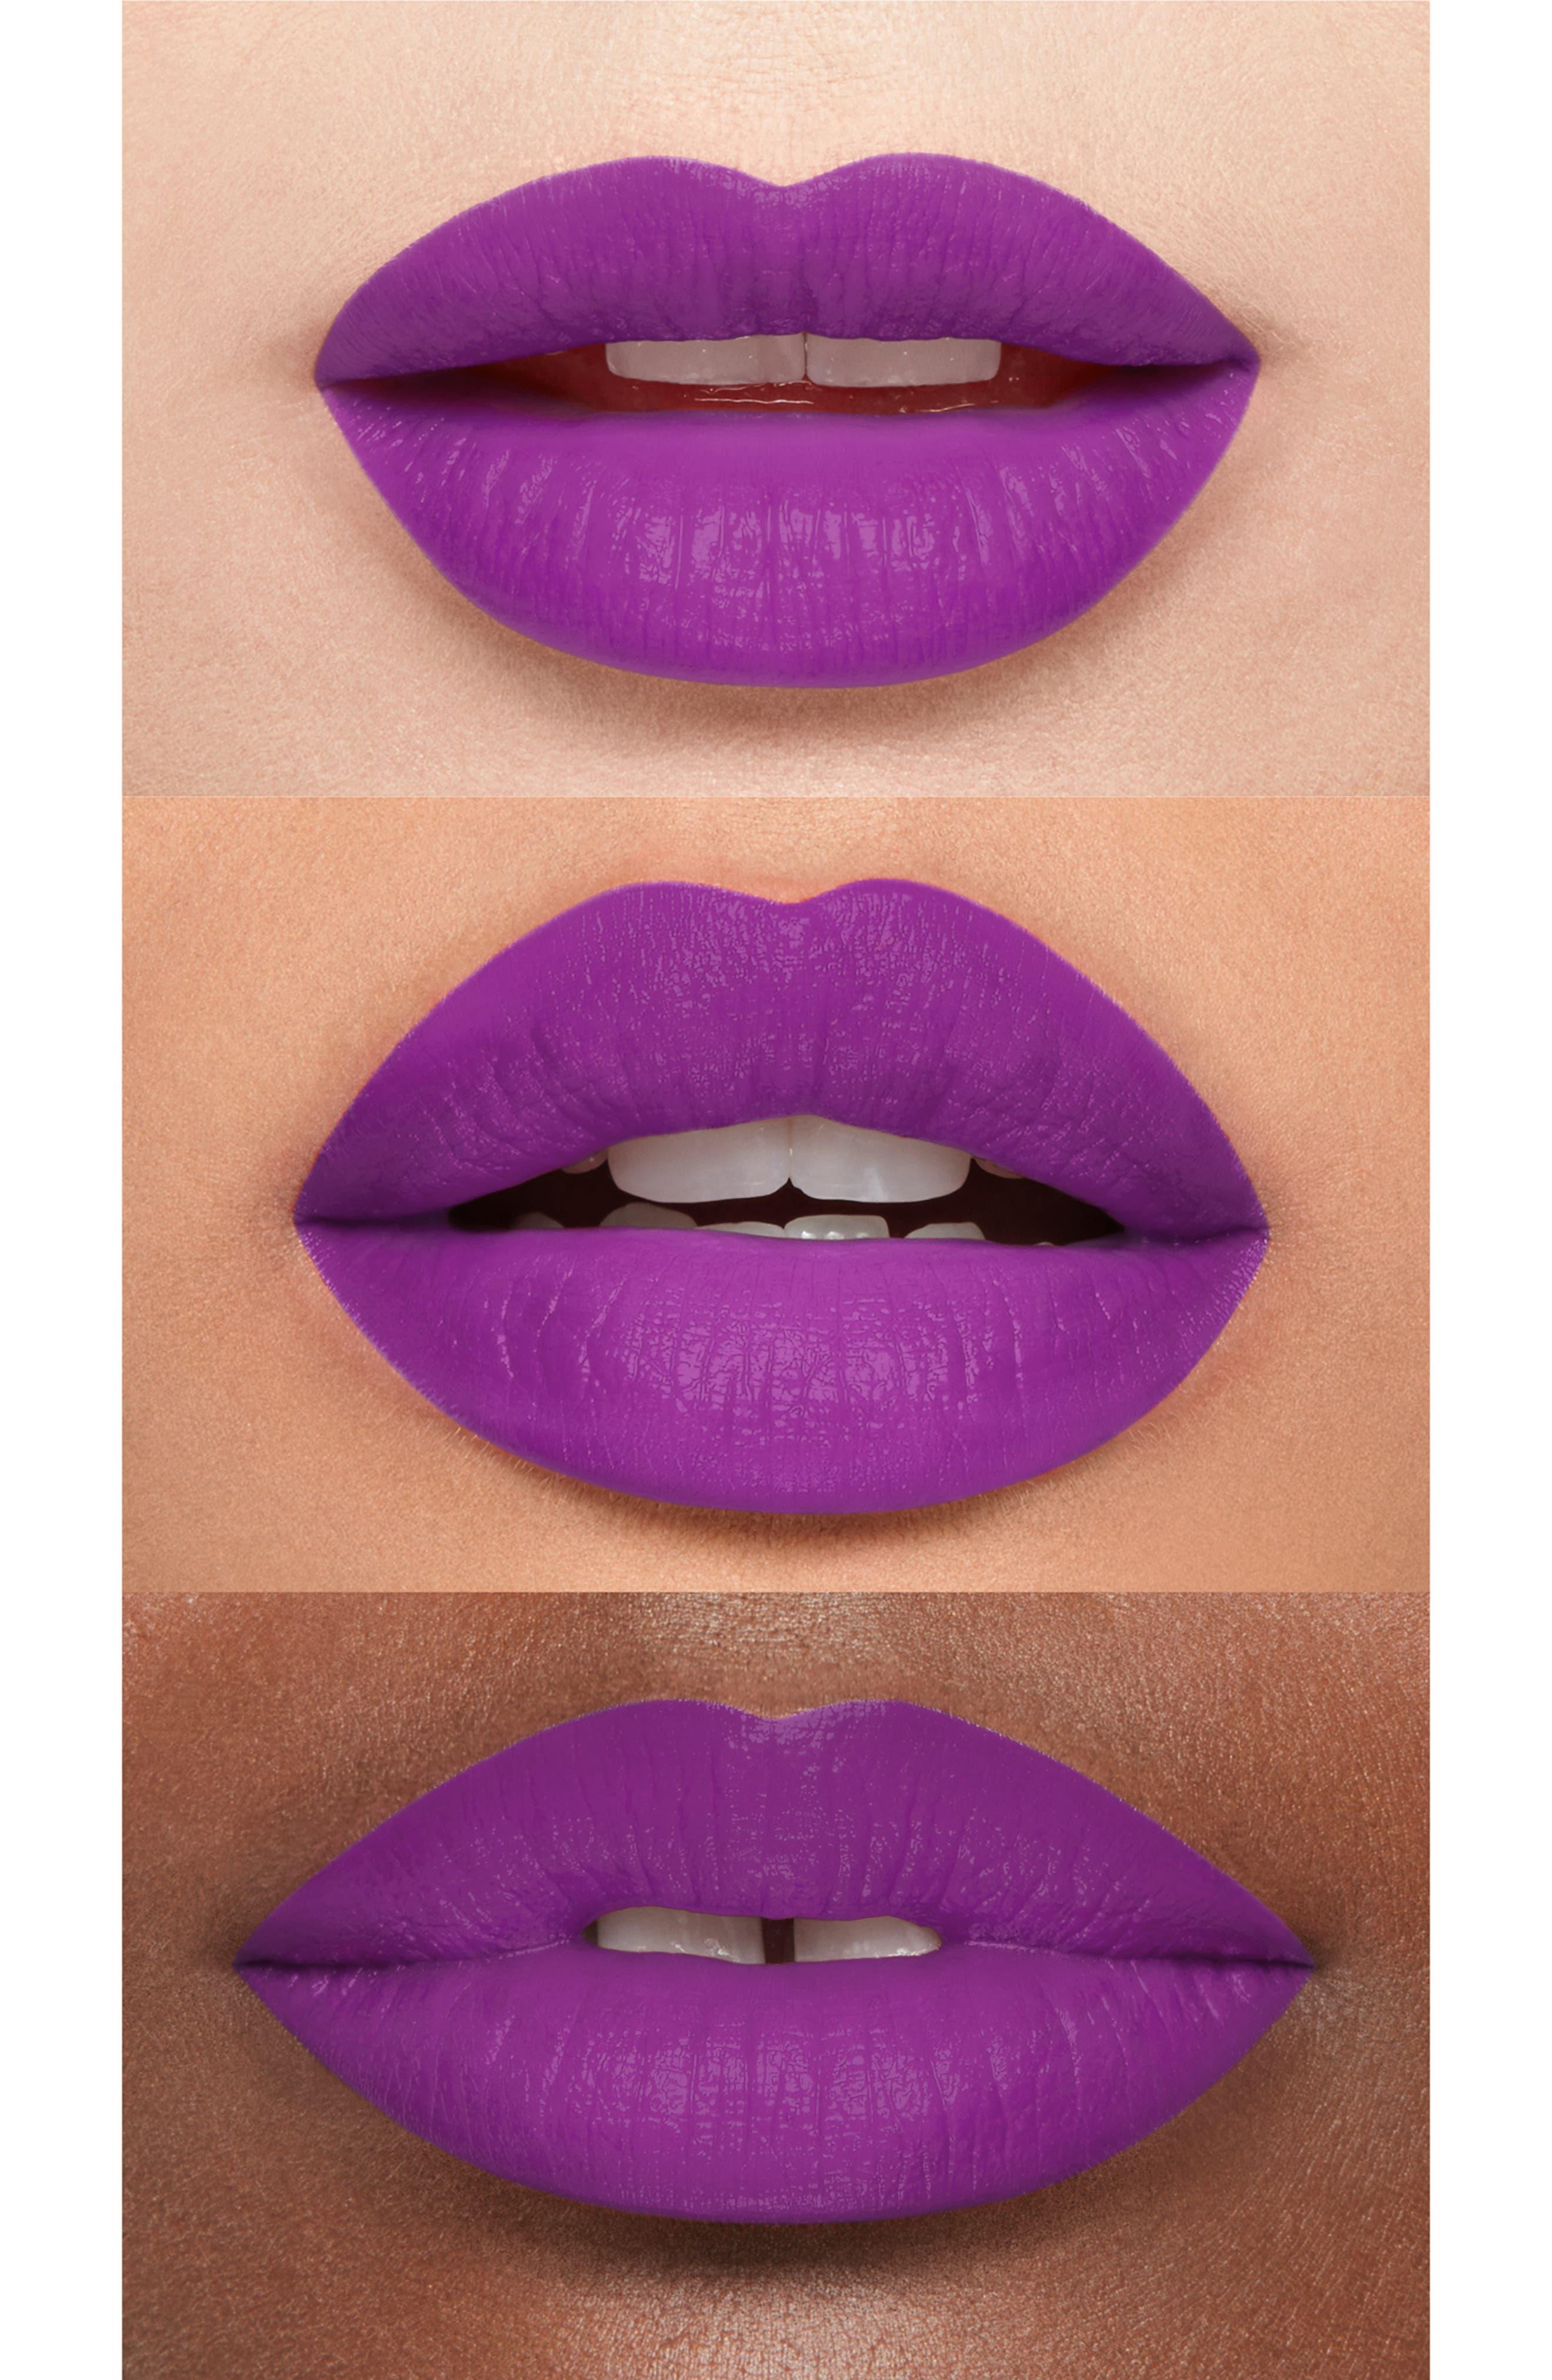 Be Legendary Matte Lipstick,                             Alternate thumbnail 2, color,                             VIOLET RIOT MATTE